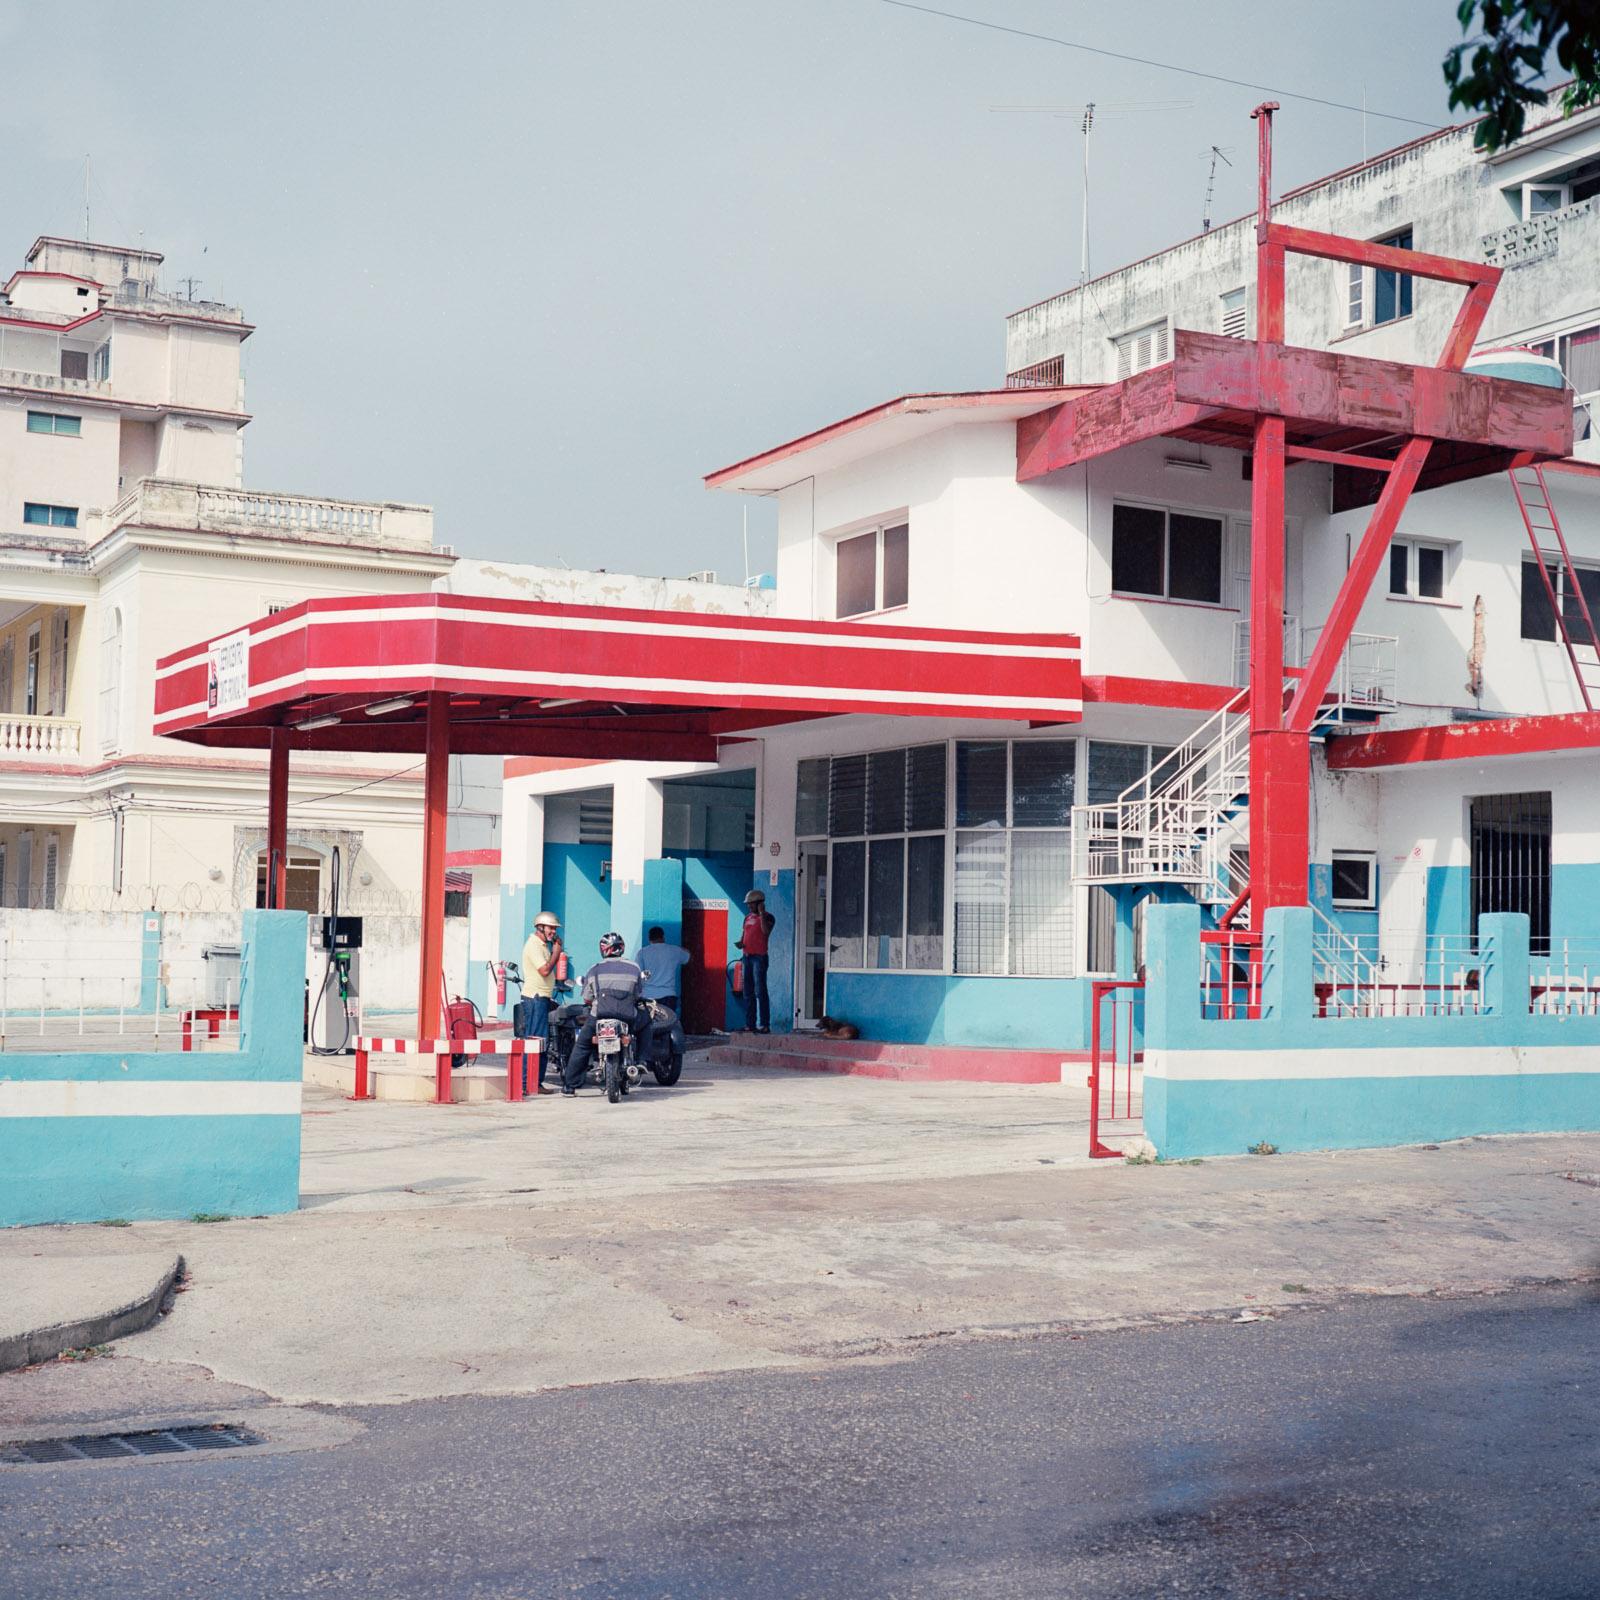 0001-cuba-travelphotography-23-Cuba-Ektar-100-2-copy.jpg